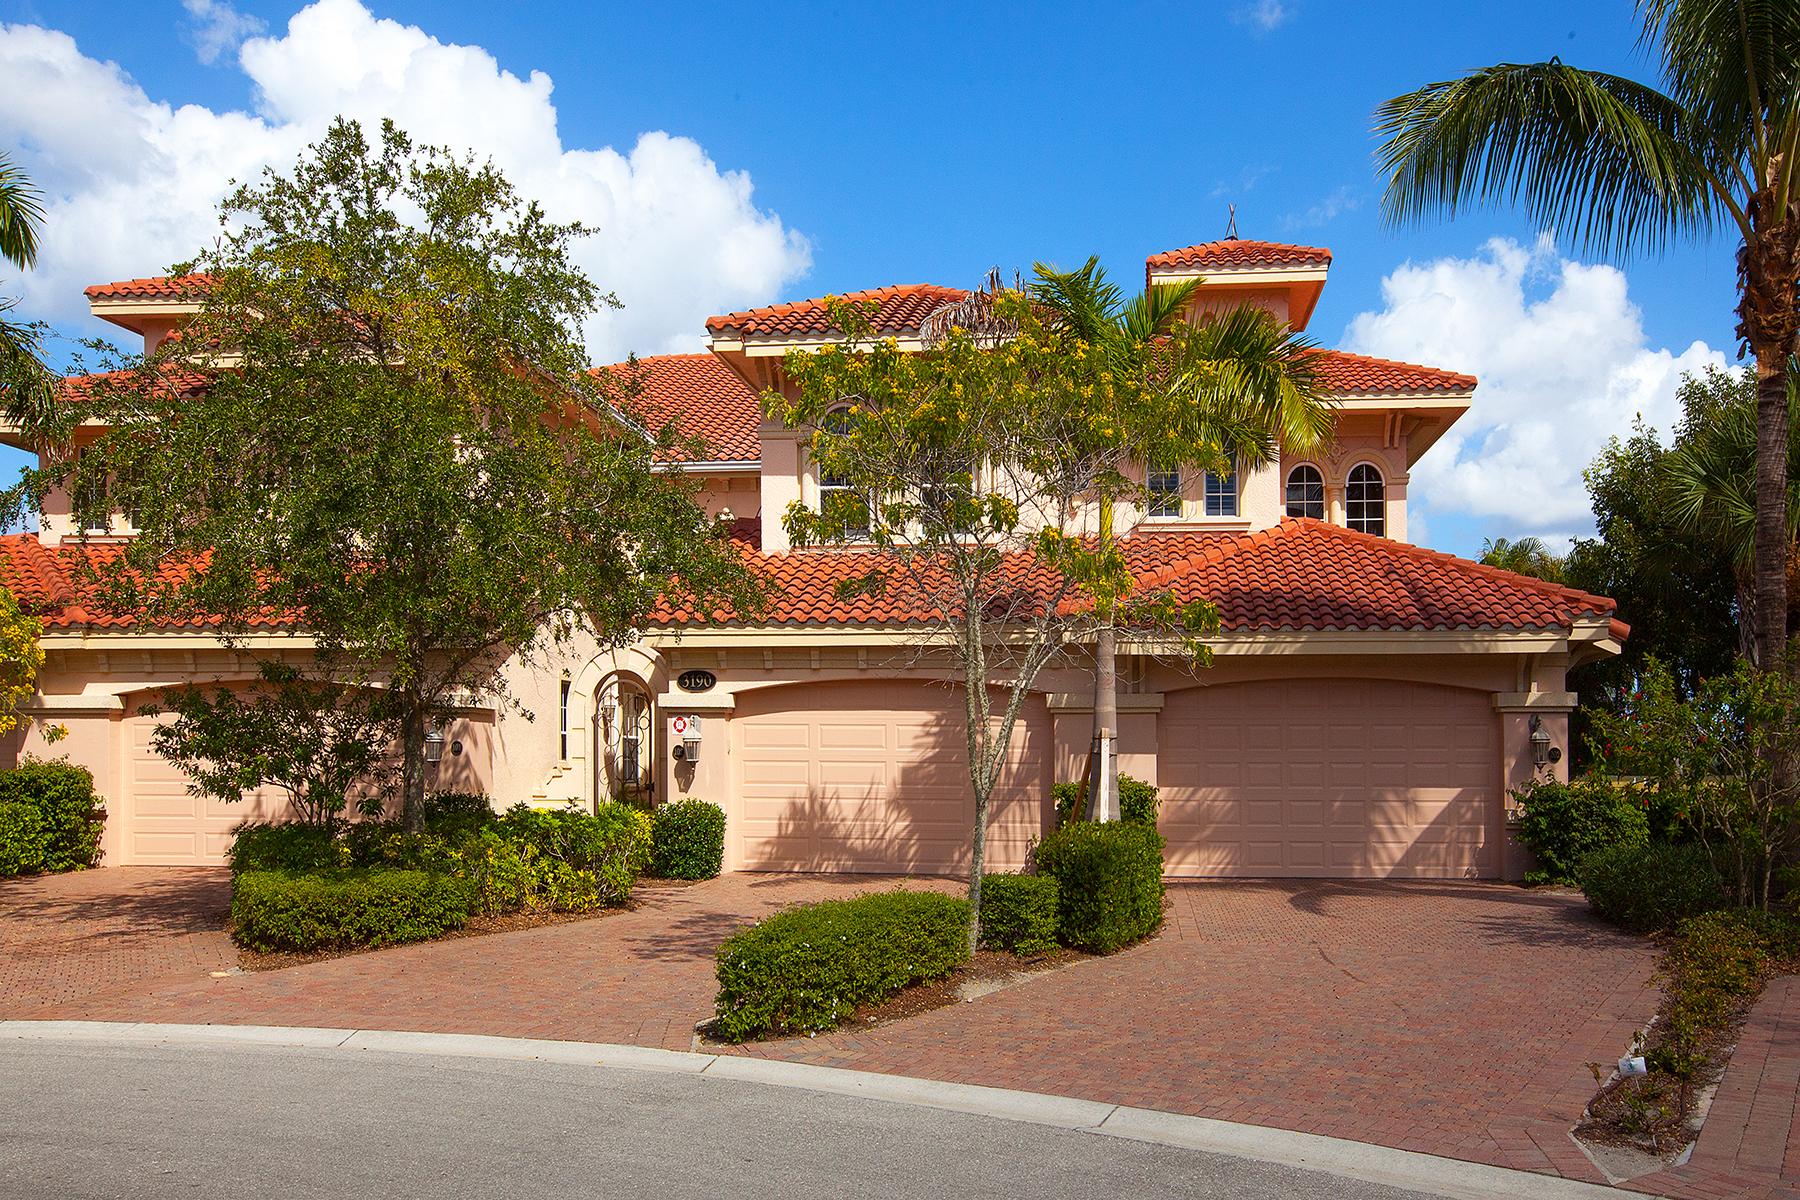 共管式独立产权公寓 为 销售 在 FIDDLER'S CREEK - SERENA 3190 Serenity Ct 202 Naples, 佛罗里达州 34114 美国